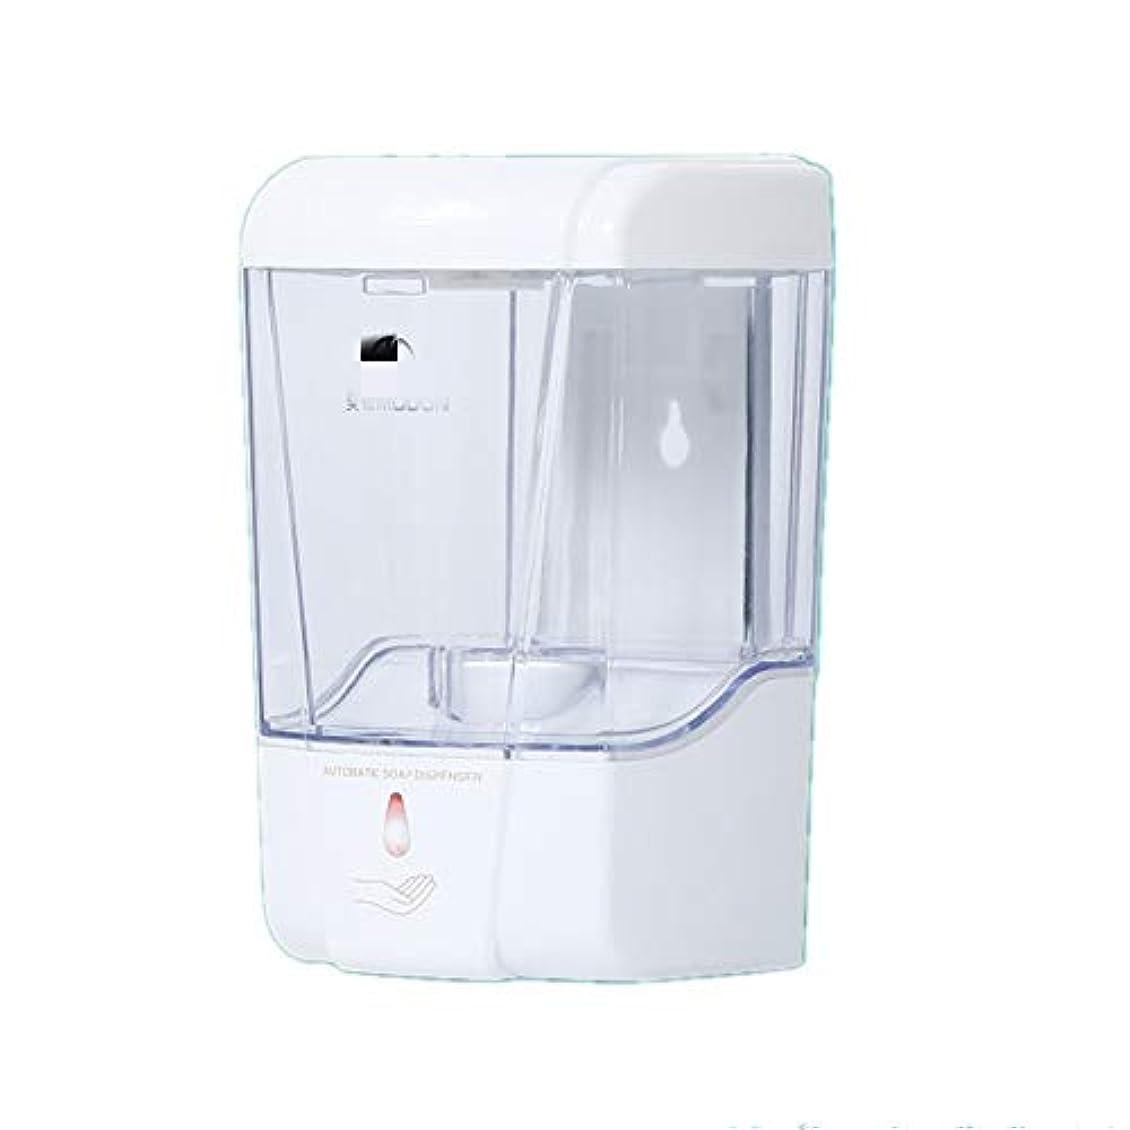 振るそのような拘束ソープディスペンサー 600mlの容量自動ソープディスペンサー非接触キッチンバスルームソープディスペンサー ハンドソープ 食器用洗剤 キッチン 洗面所などに適用 (Color : White, Size : One size)